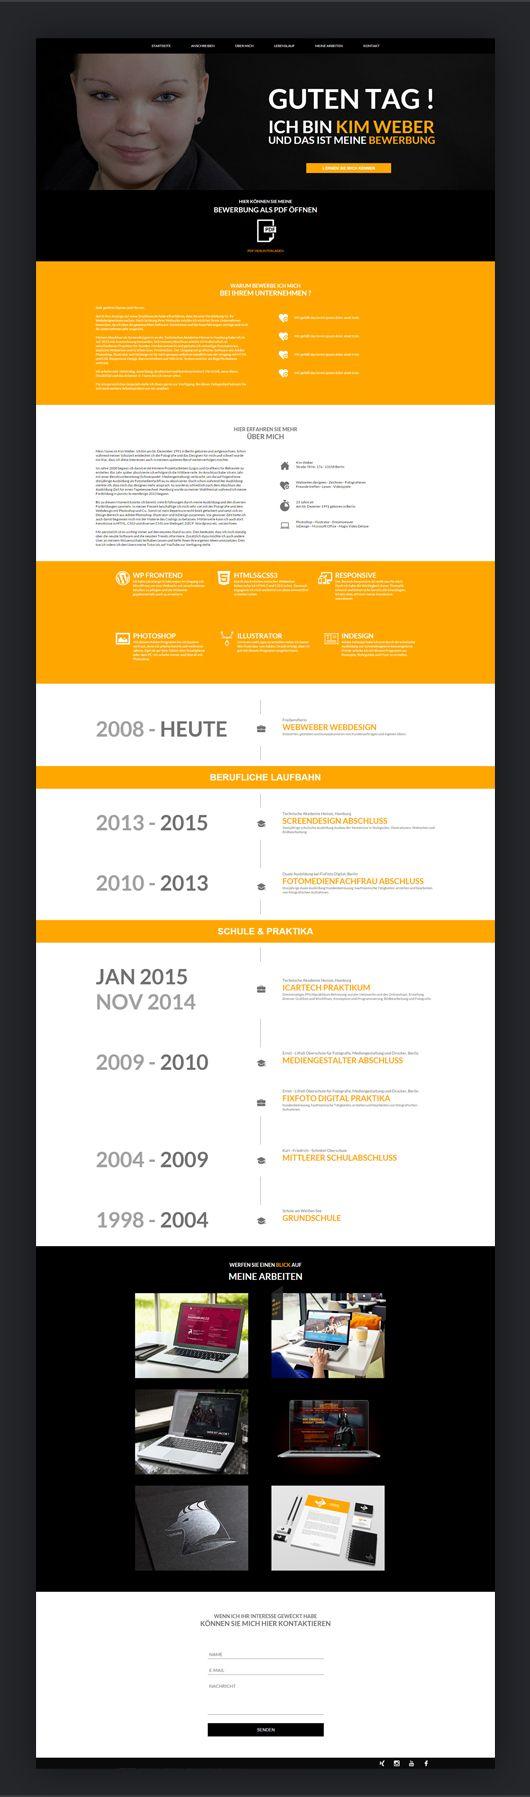 """Nach meiner Zeit in Hamburg bin ich wieder in meine Heimatstadt Berlin gezogen und war eine kurze Zeit arbeitssuchend. Schon immer haben die Arbeitgeber, bei denen ich mich beworben habe, eine außergewöhnliche Bewerbung von mir bekommen. Ich wollte unbedingt in einer Agentur als Designerin arbeiten und habe mich dazu bewegt eine eigene """"Bewerbungs-Website"""" zu bauen. Diese ist responsive angepasst und meine Bewerbungsunterlagen konnten die Agenturen via PDF downloaden. Das kam so gut an, dass…"""